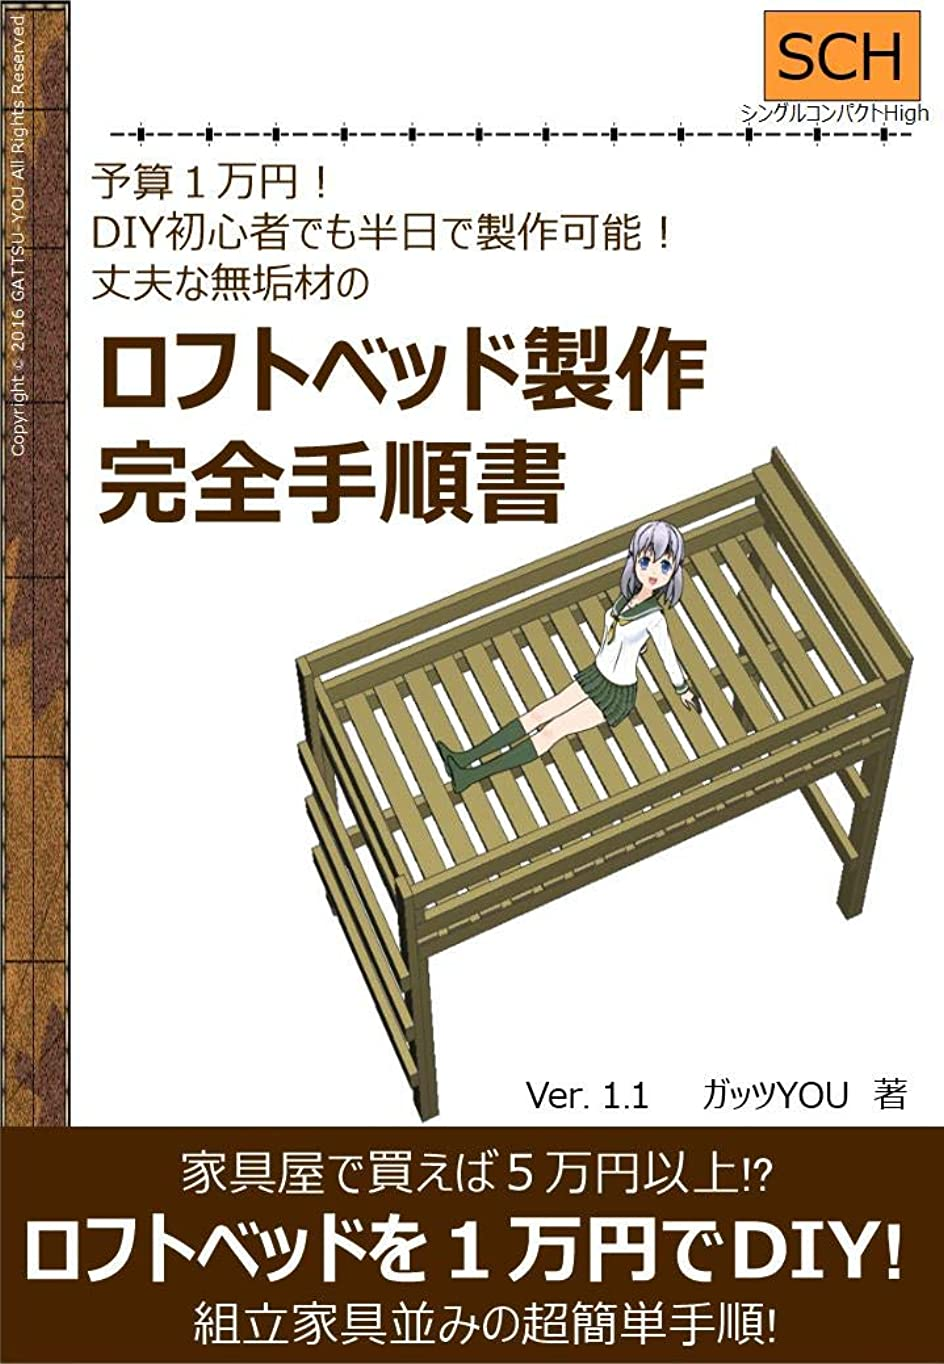 ベース幸運反対予算1万円!丈夫な無垢材の高級木製ロフトベッド製作完全手順書 タイプSCH: DIY初心者でも半日で製作可能なロフトベッドの製作手順書です。